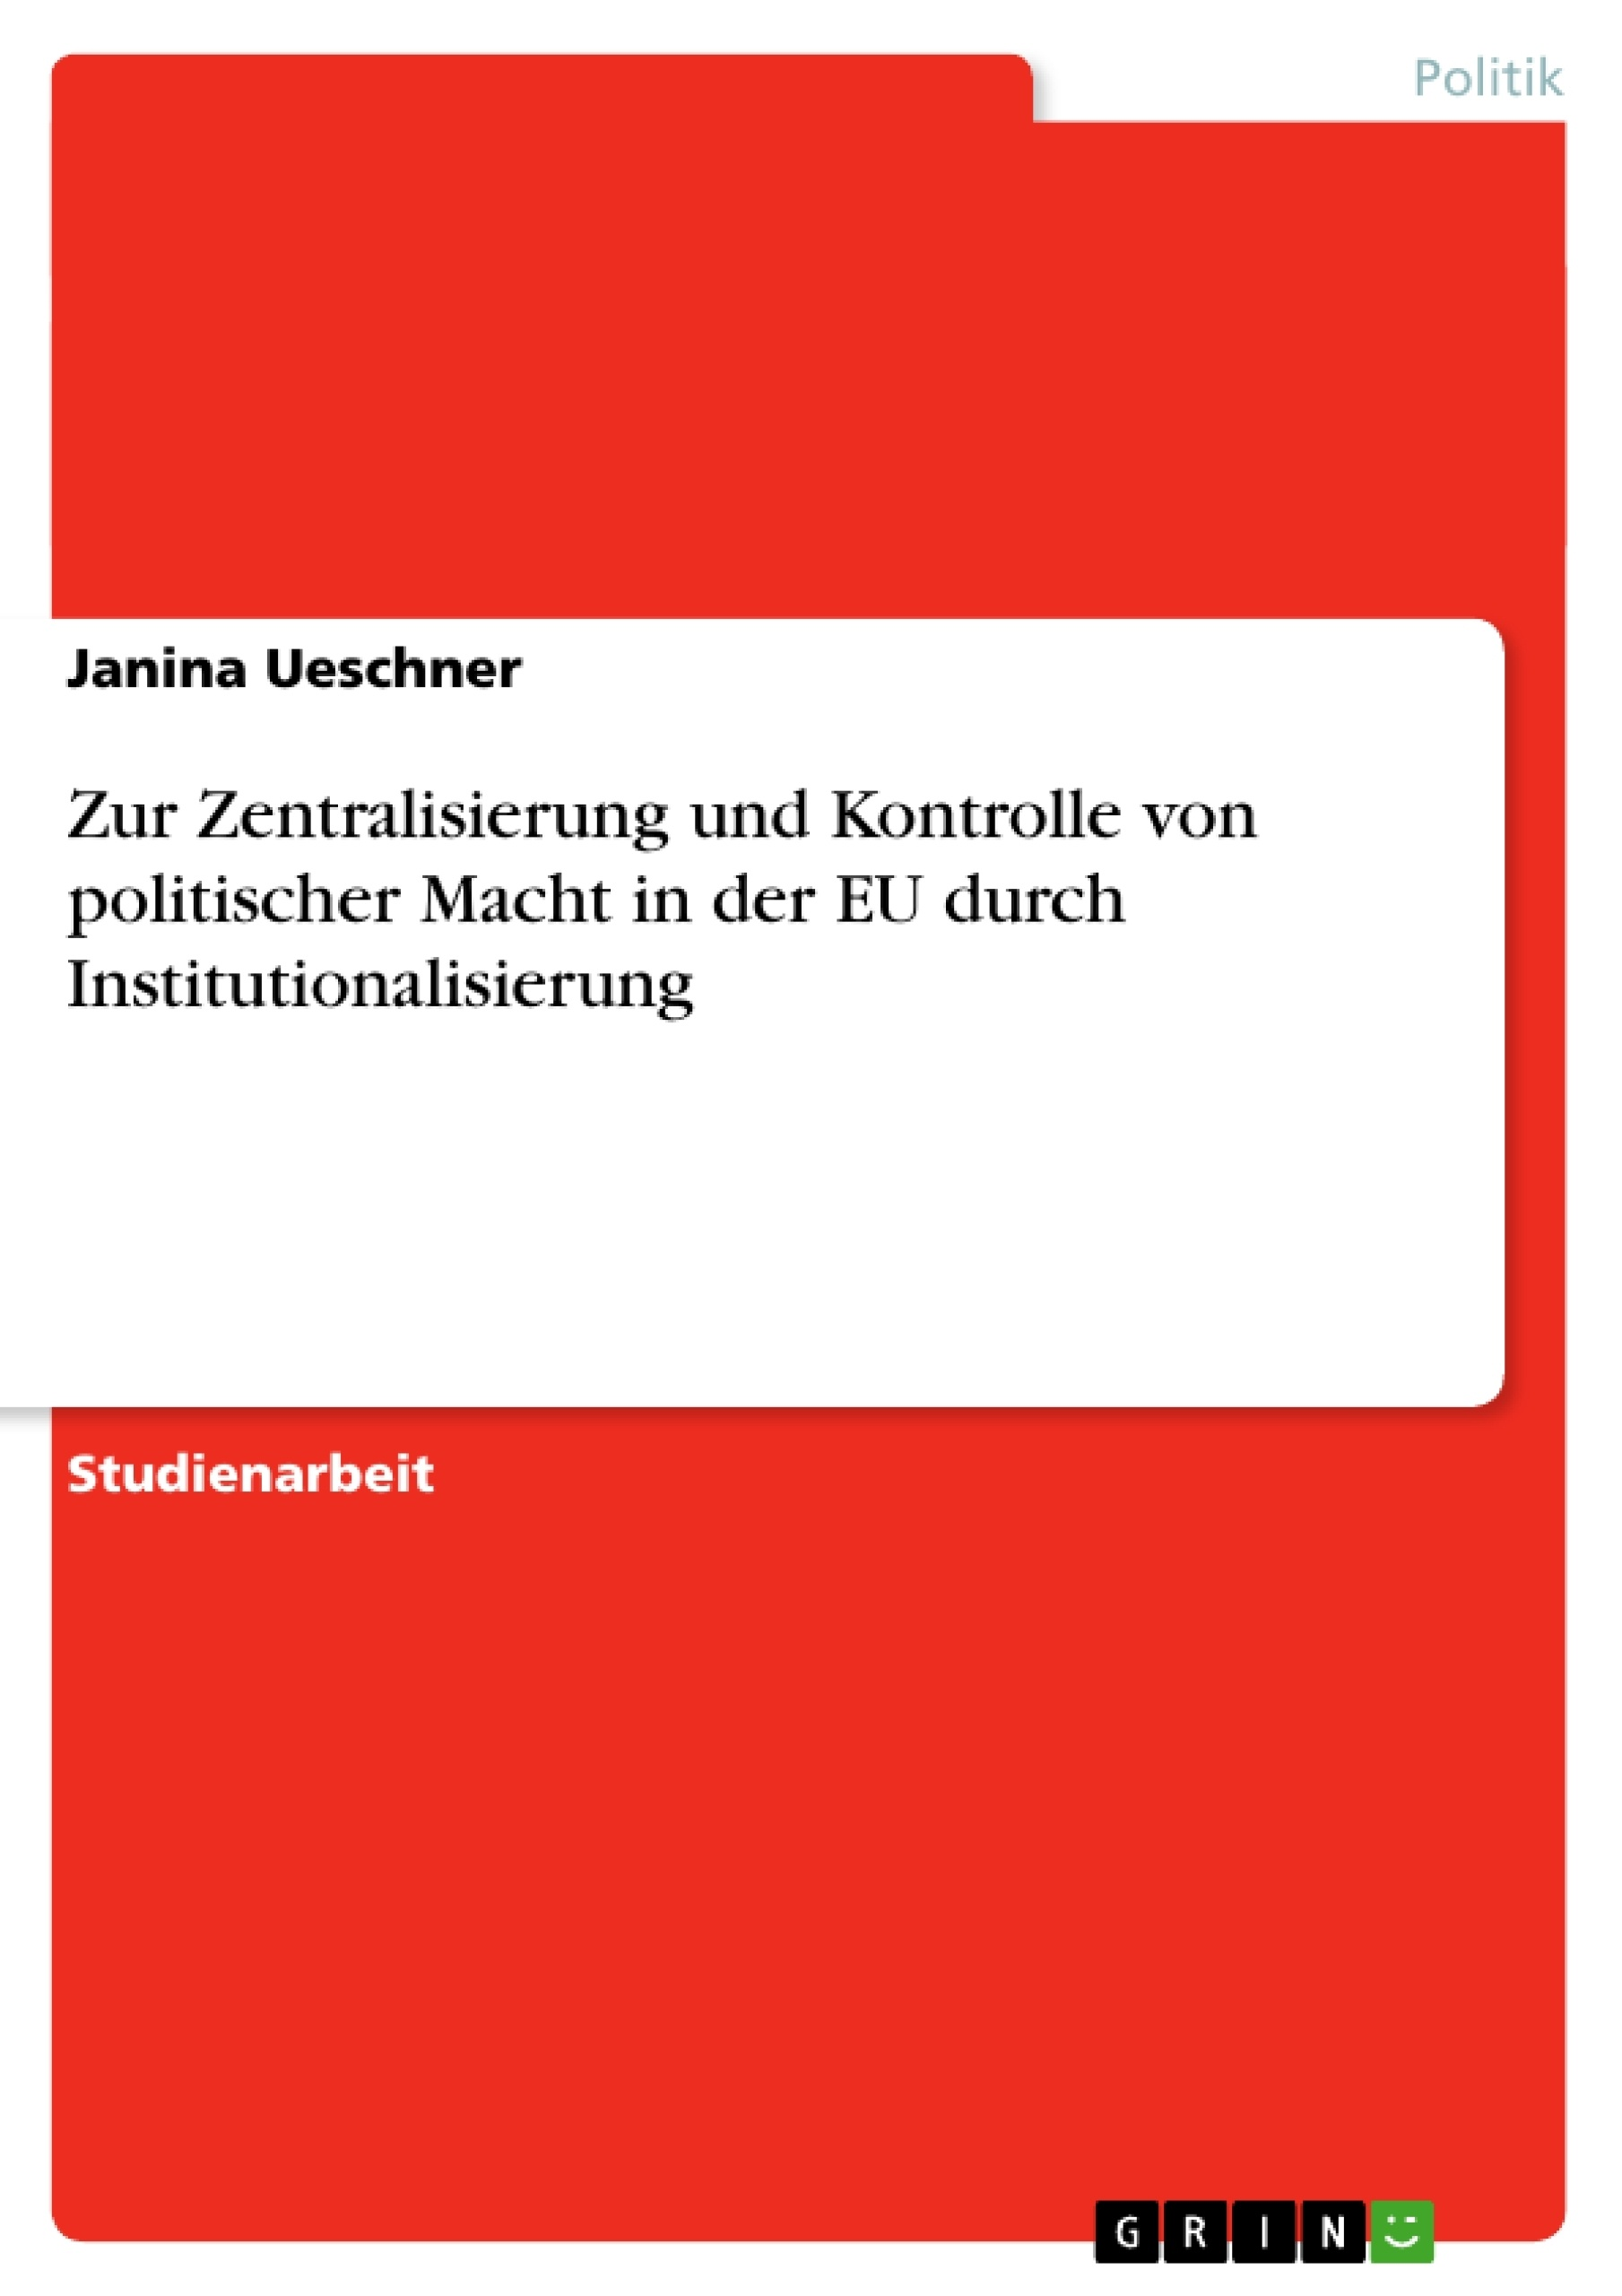 Titel: Zur Zentralisierung und Kontrolle von politischer Macht in der EU durch Institutionalisierung